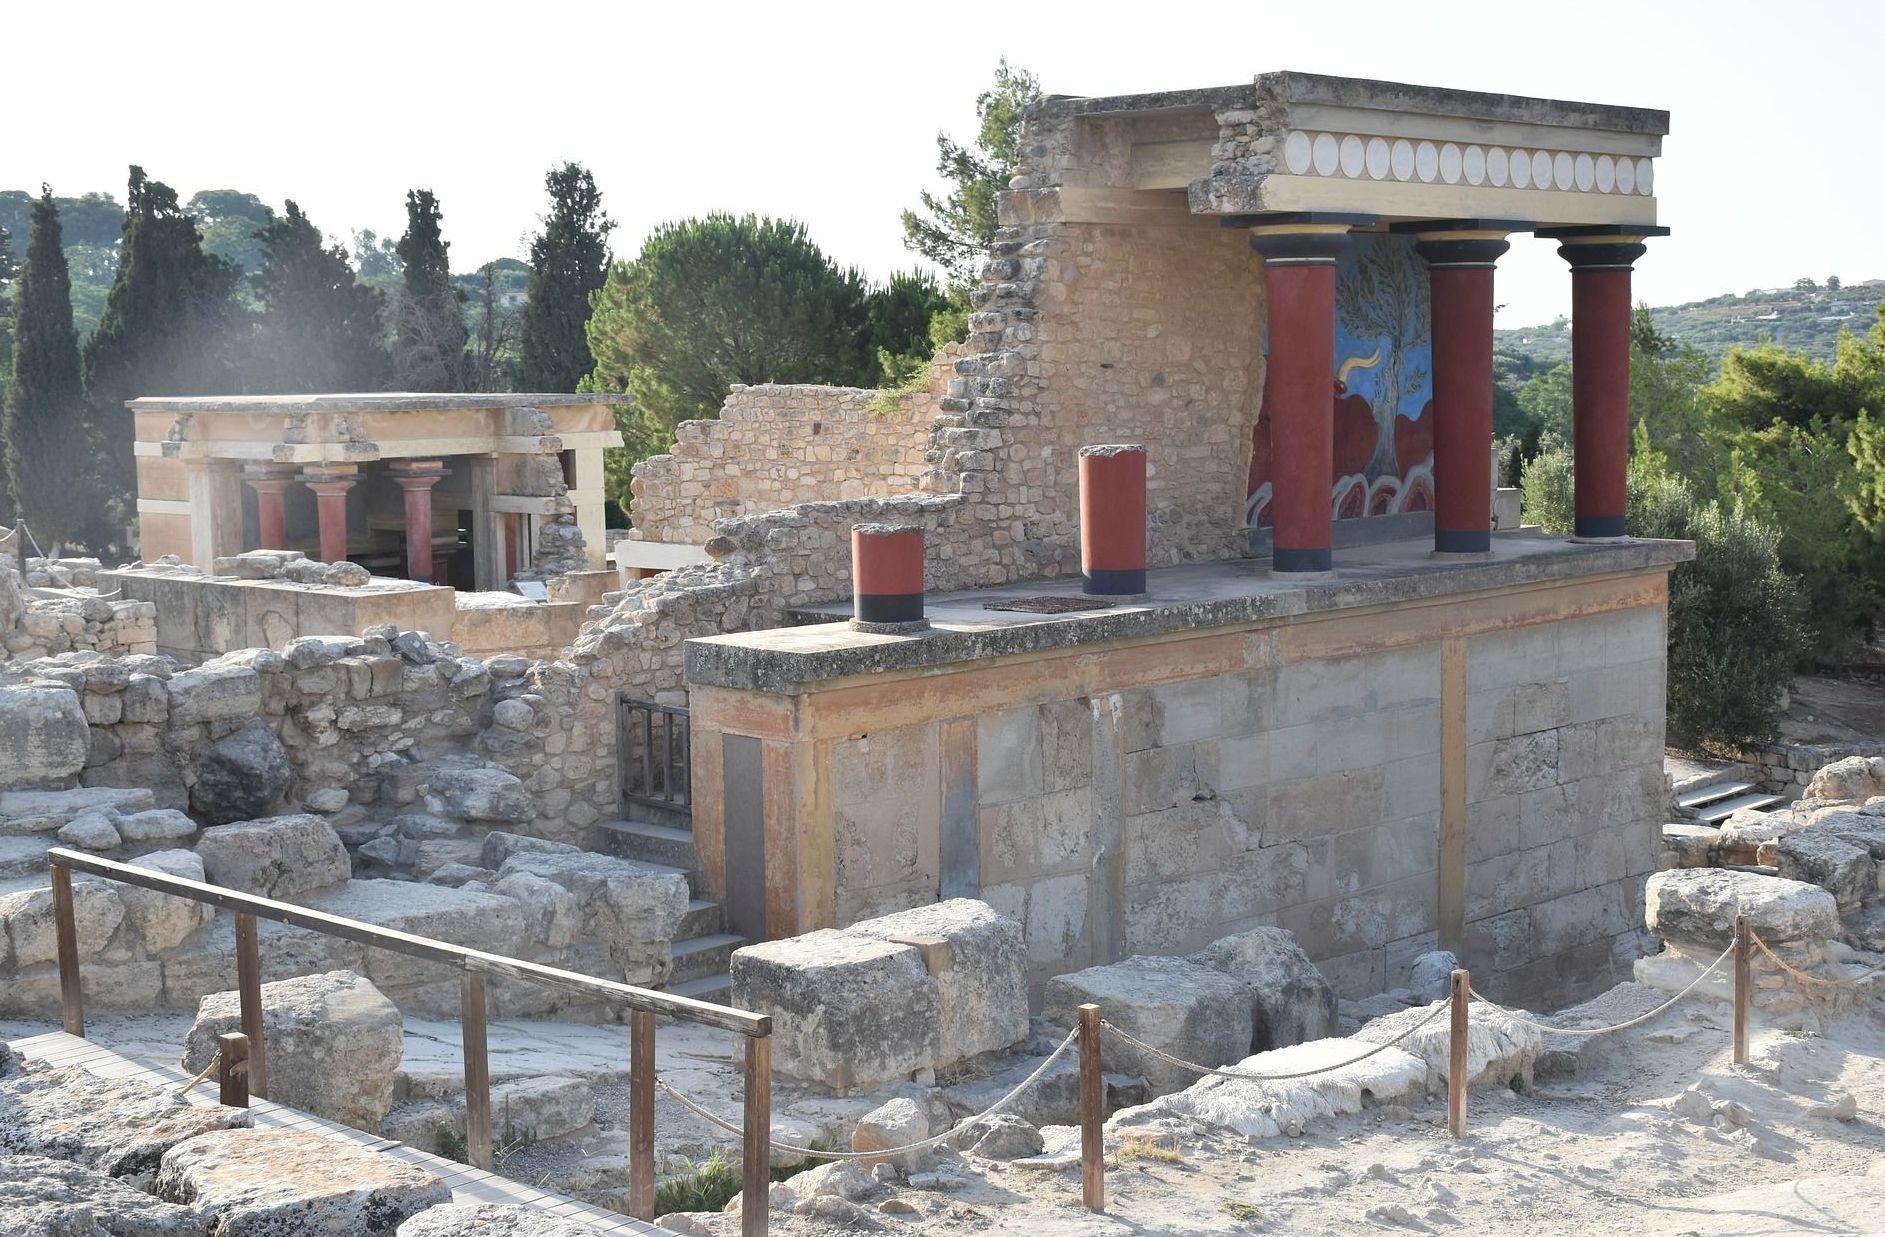 Sítio arqueológico de Cnossos na ilha de Creta